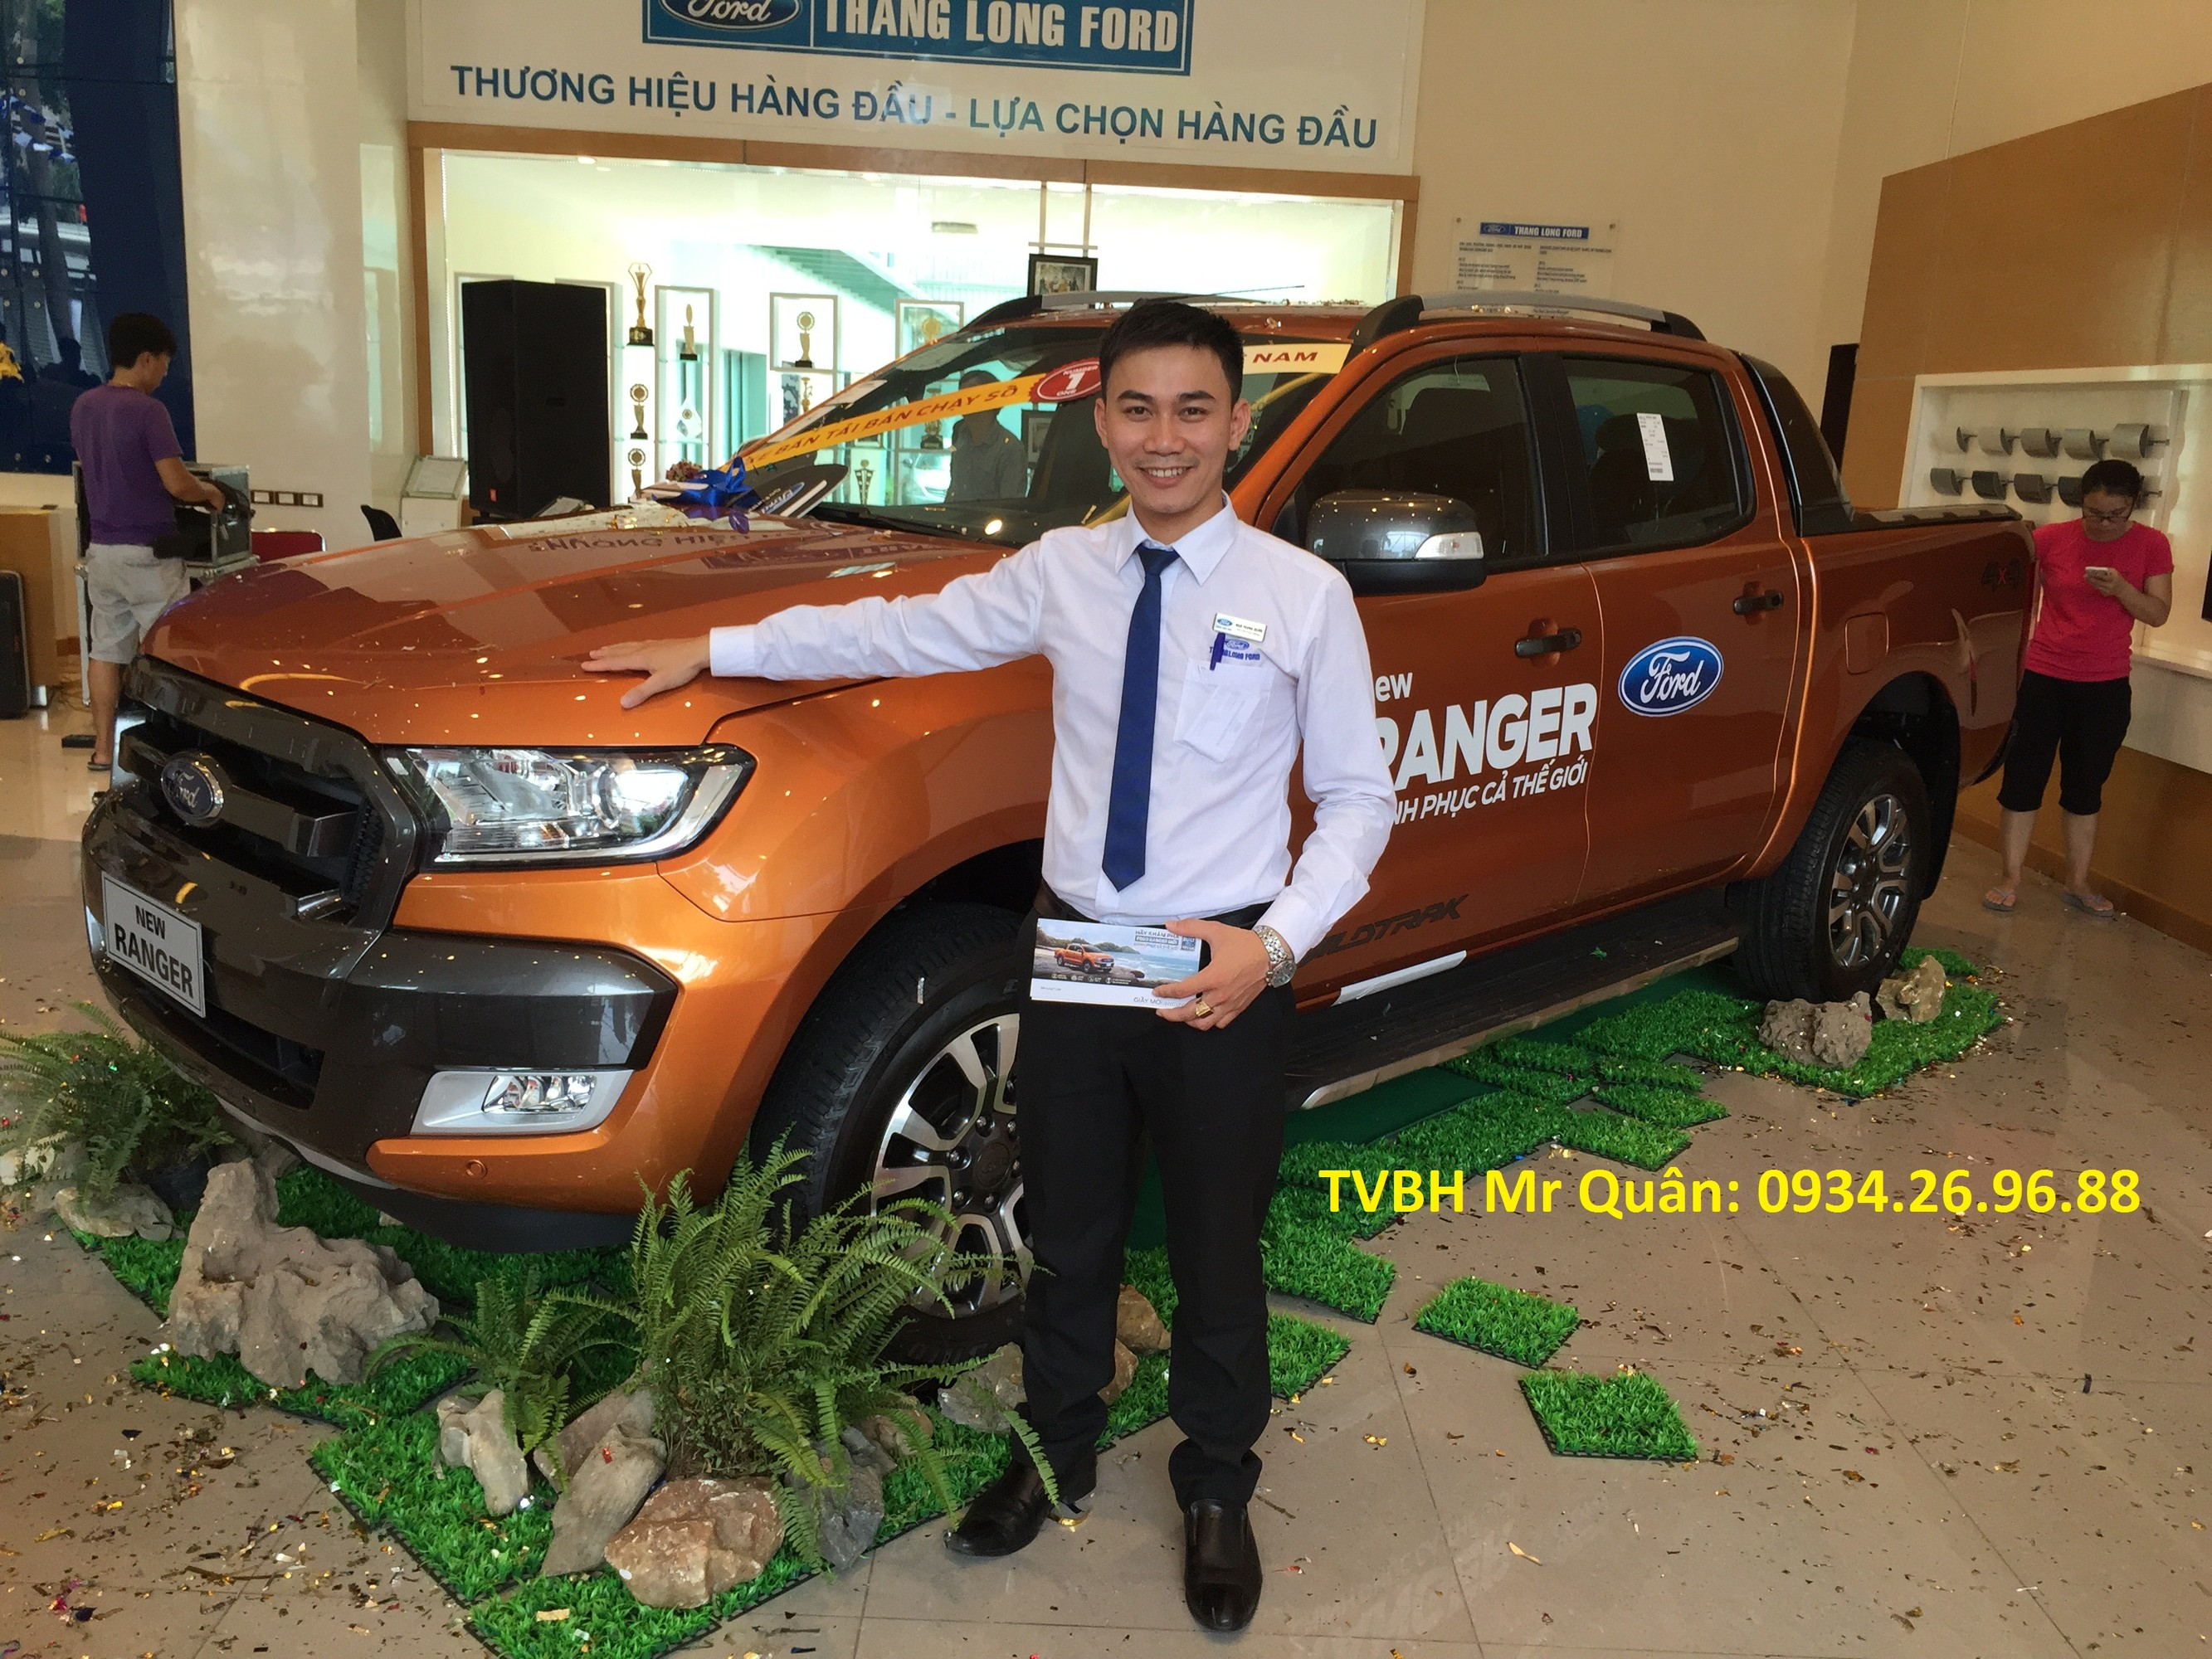 Ford Ranger 2017 giá tốt nhất Hà Nội, Ford Bán Tải, Ford Ranger, Ranger XLS, Ranger Wiltrak 3.2, Ranger XLT, Ranger XL . Ảnh số 37811947